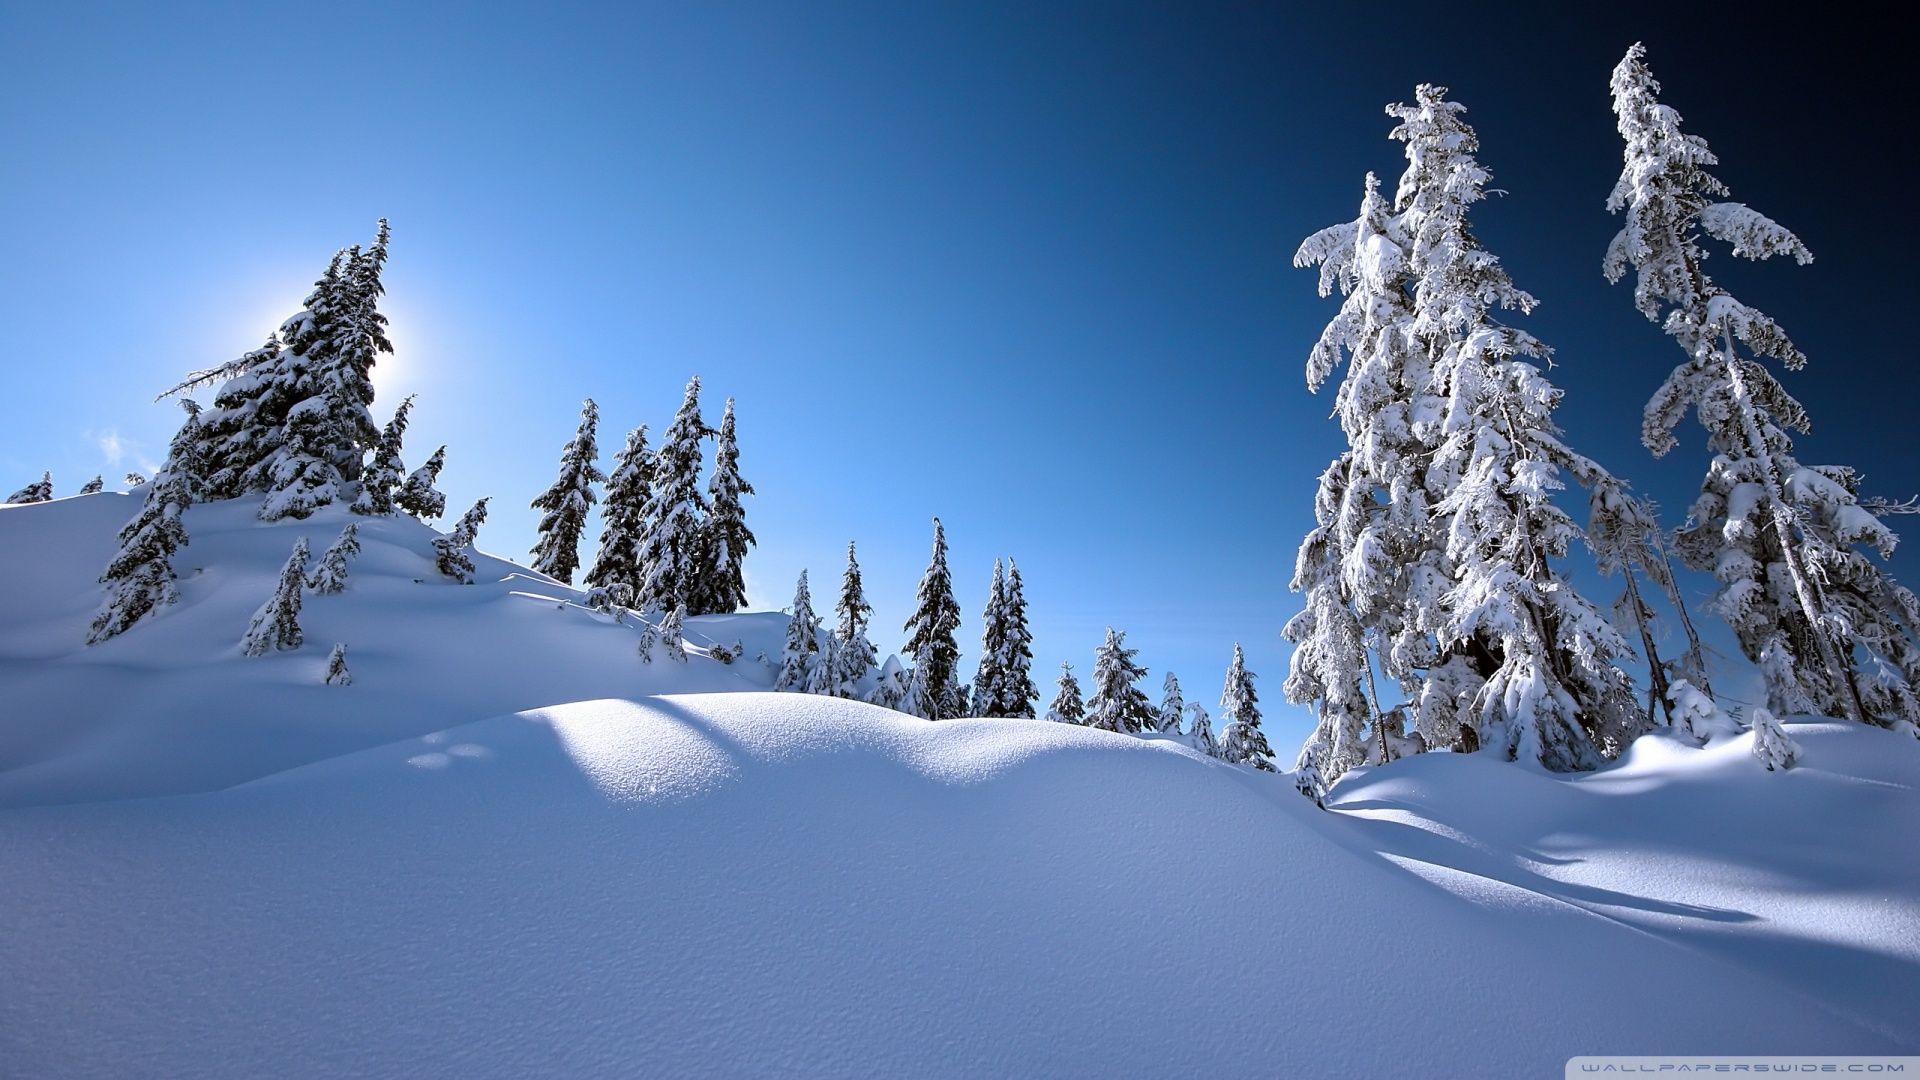 Download Beautiful Winter Scenery Hd Wallpaper Winter Scenery